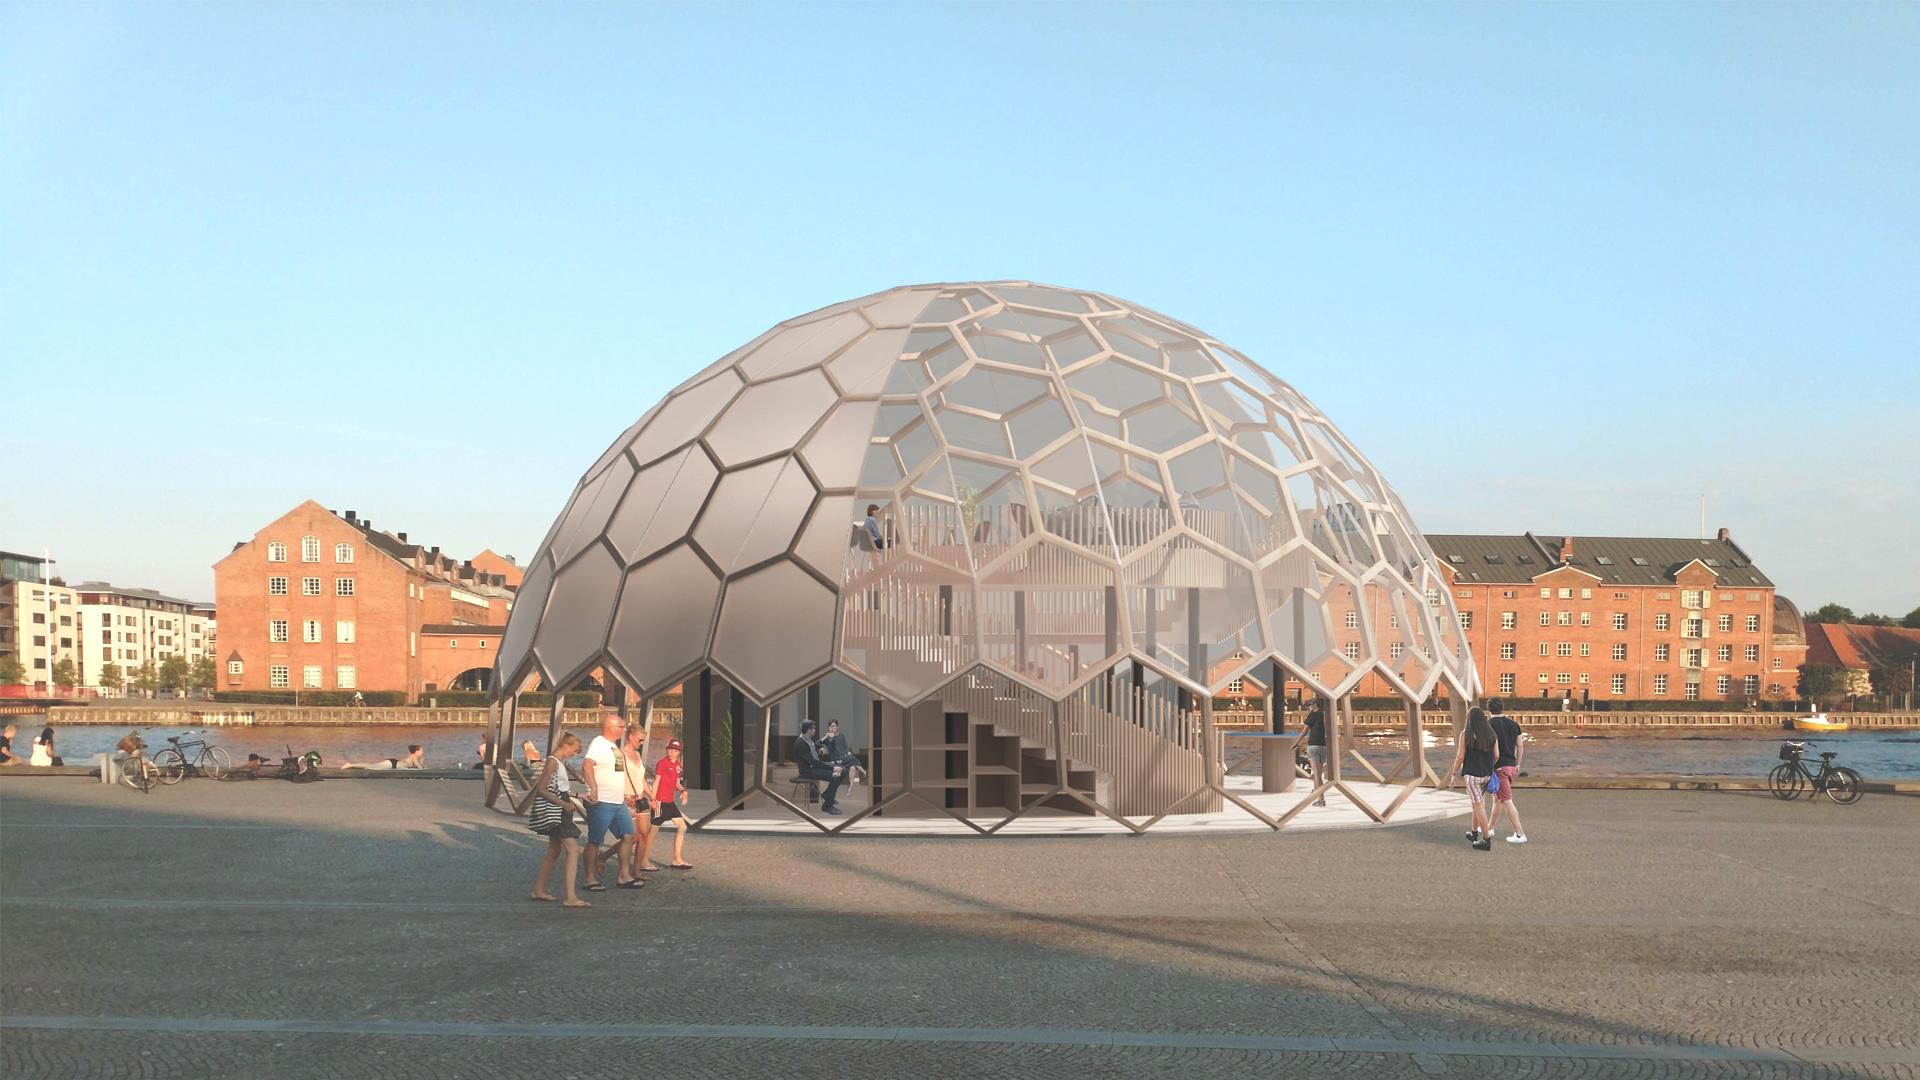 geodome   Design and concept by Greener Smarter Living / Education   Virksomhed :  GreenerSmarterLiving